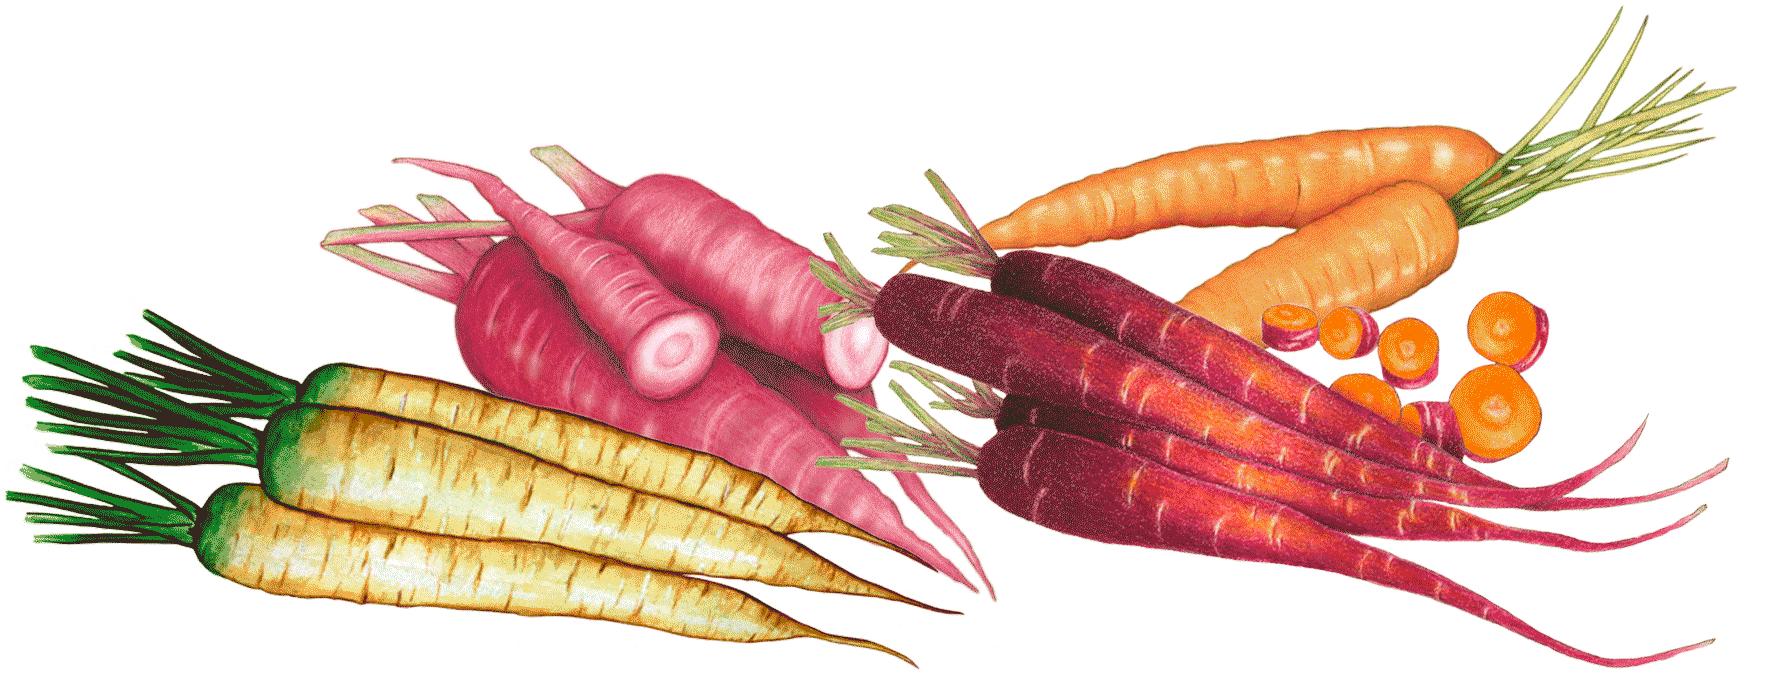 Illustrations de carottes